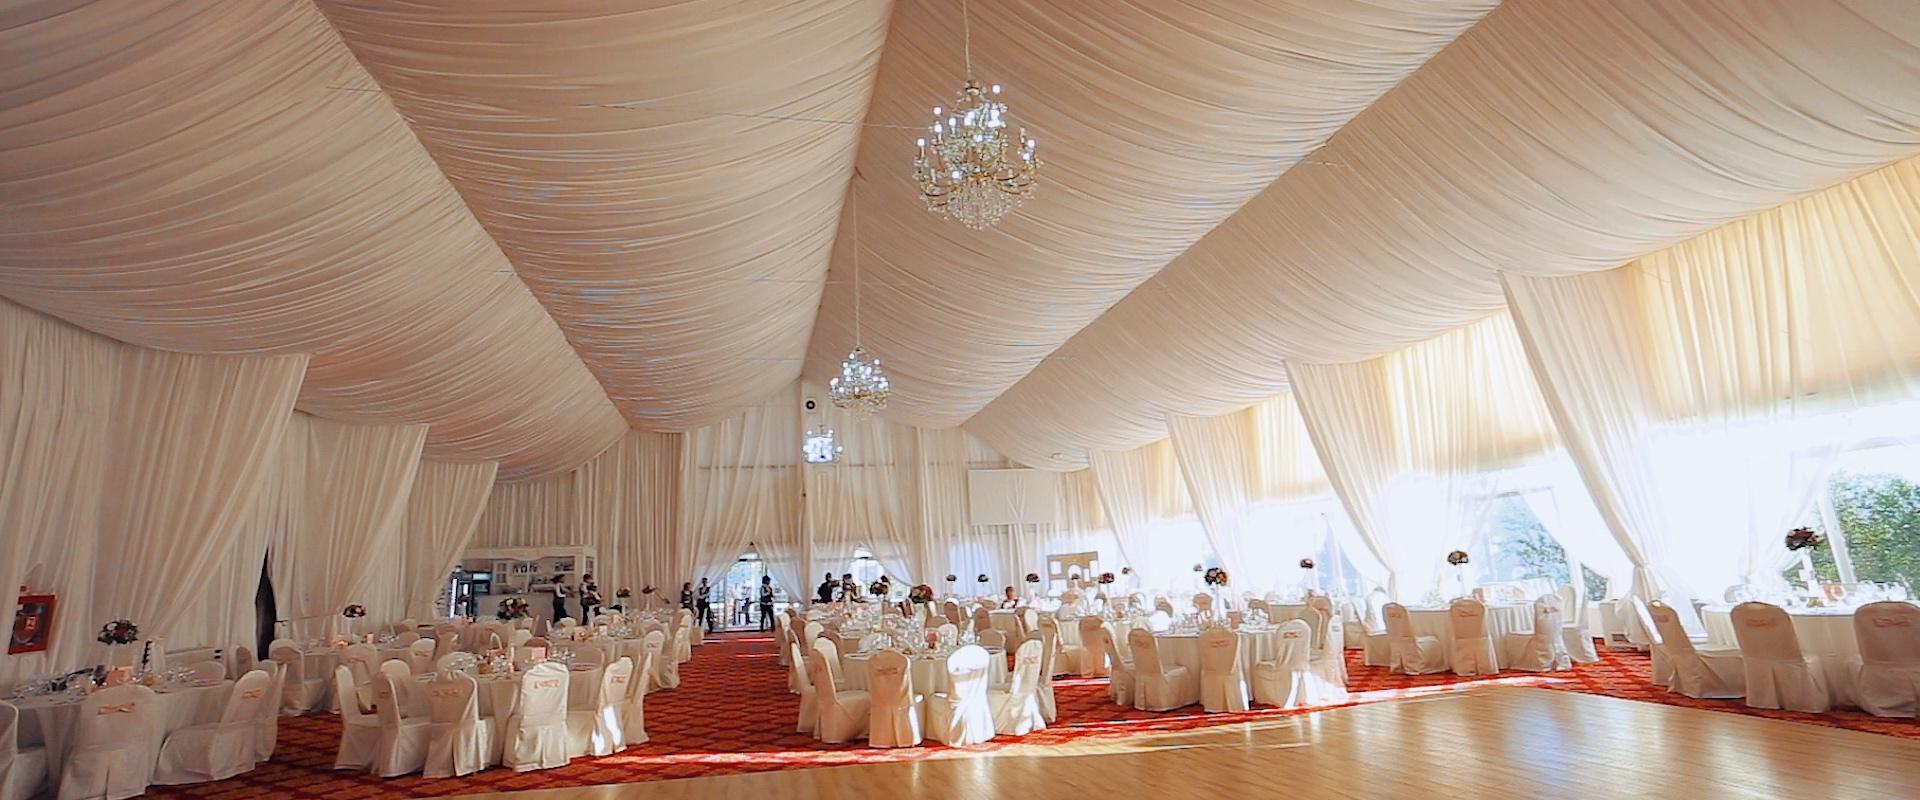 Hotel Rusu, mountain wedding venue